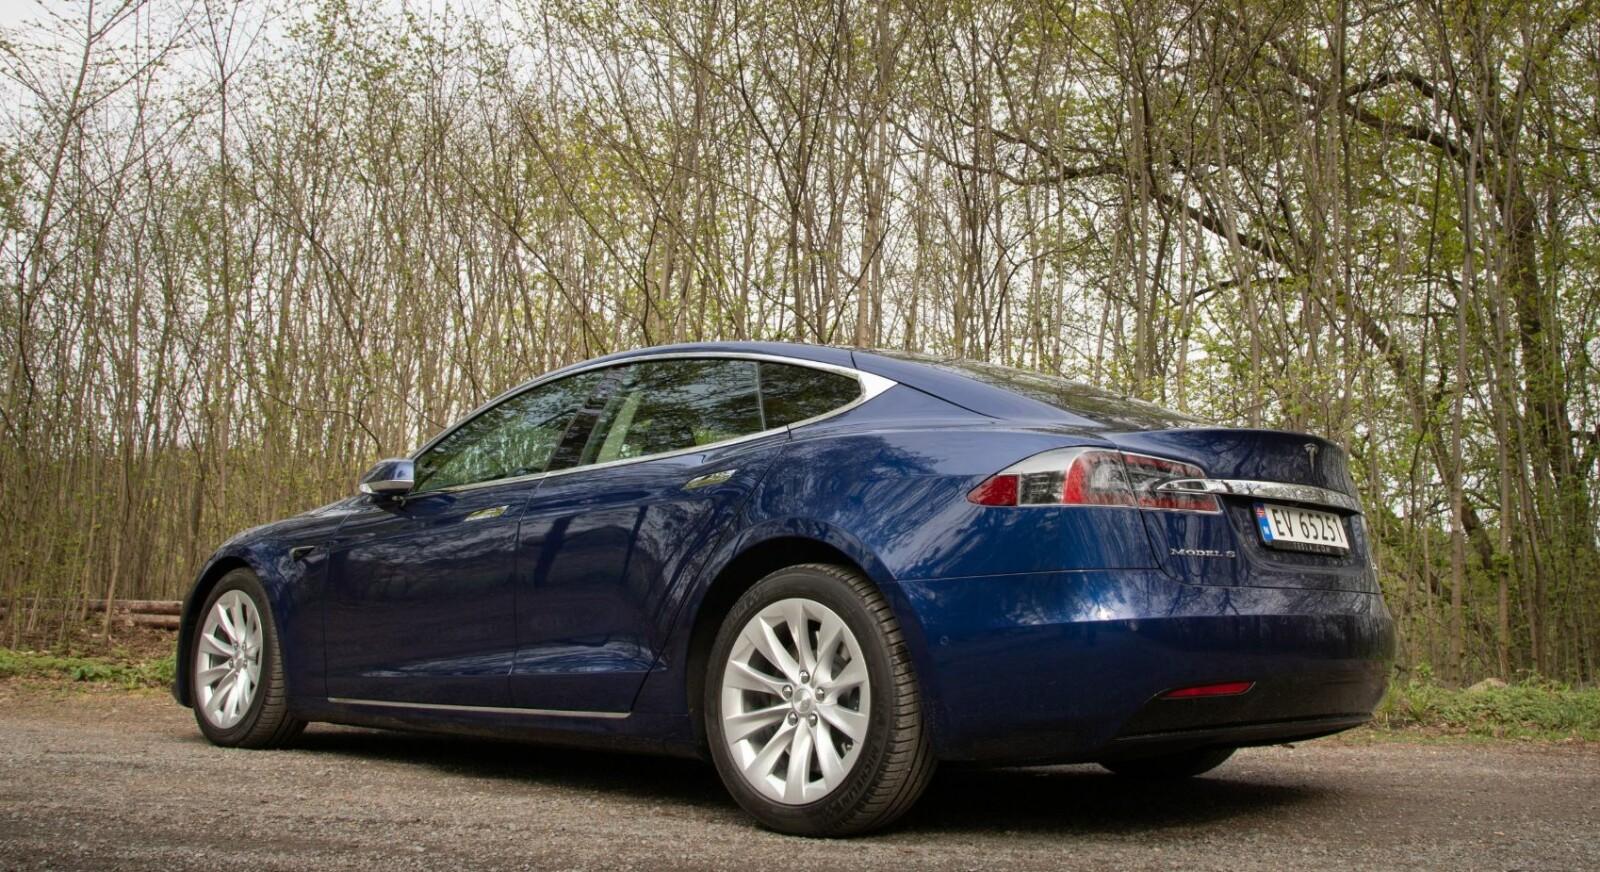 <b><SPAN CLASS=BOLD><STRONG>TIDLØS:</b></strong></span> Det er nesten 10 år siden den første prototypen av Tesla Model S ble vist frem. Designet har vist seg å tåle tidens tann godt.